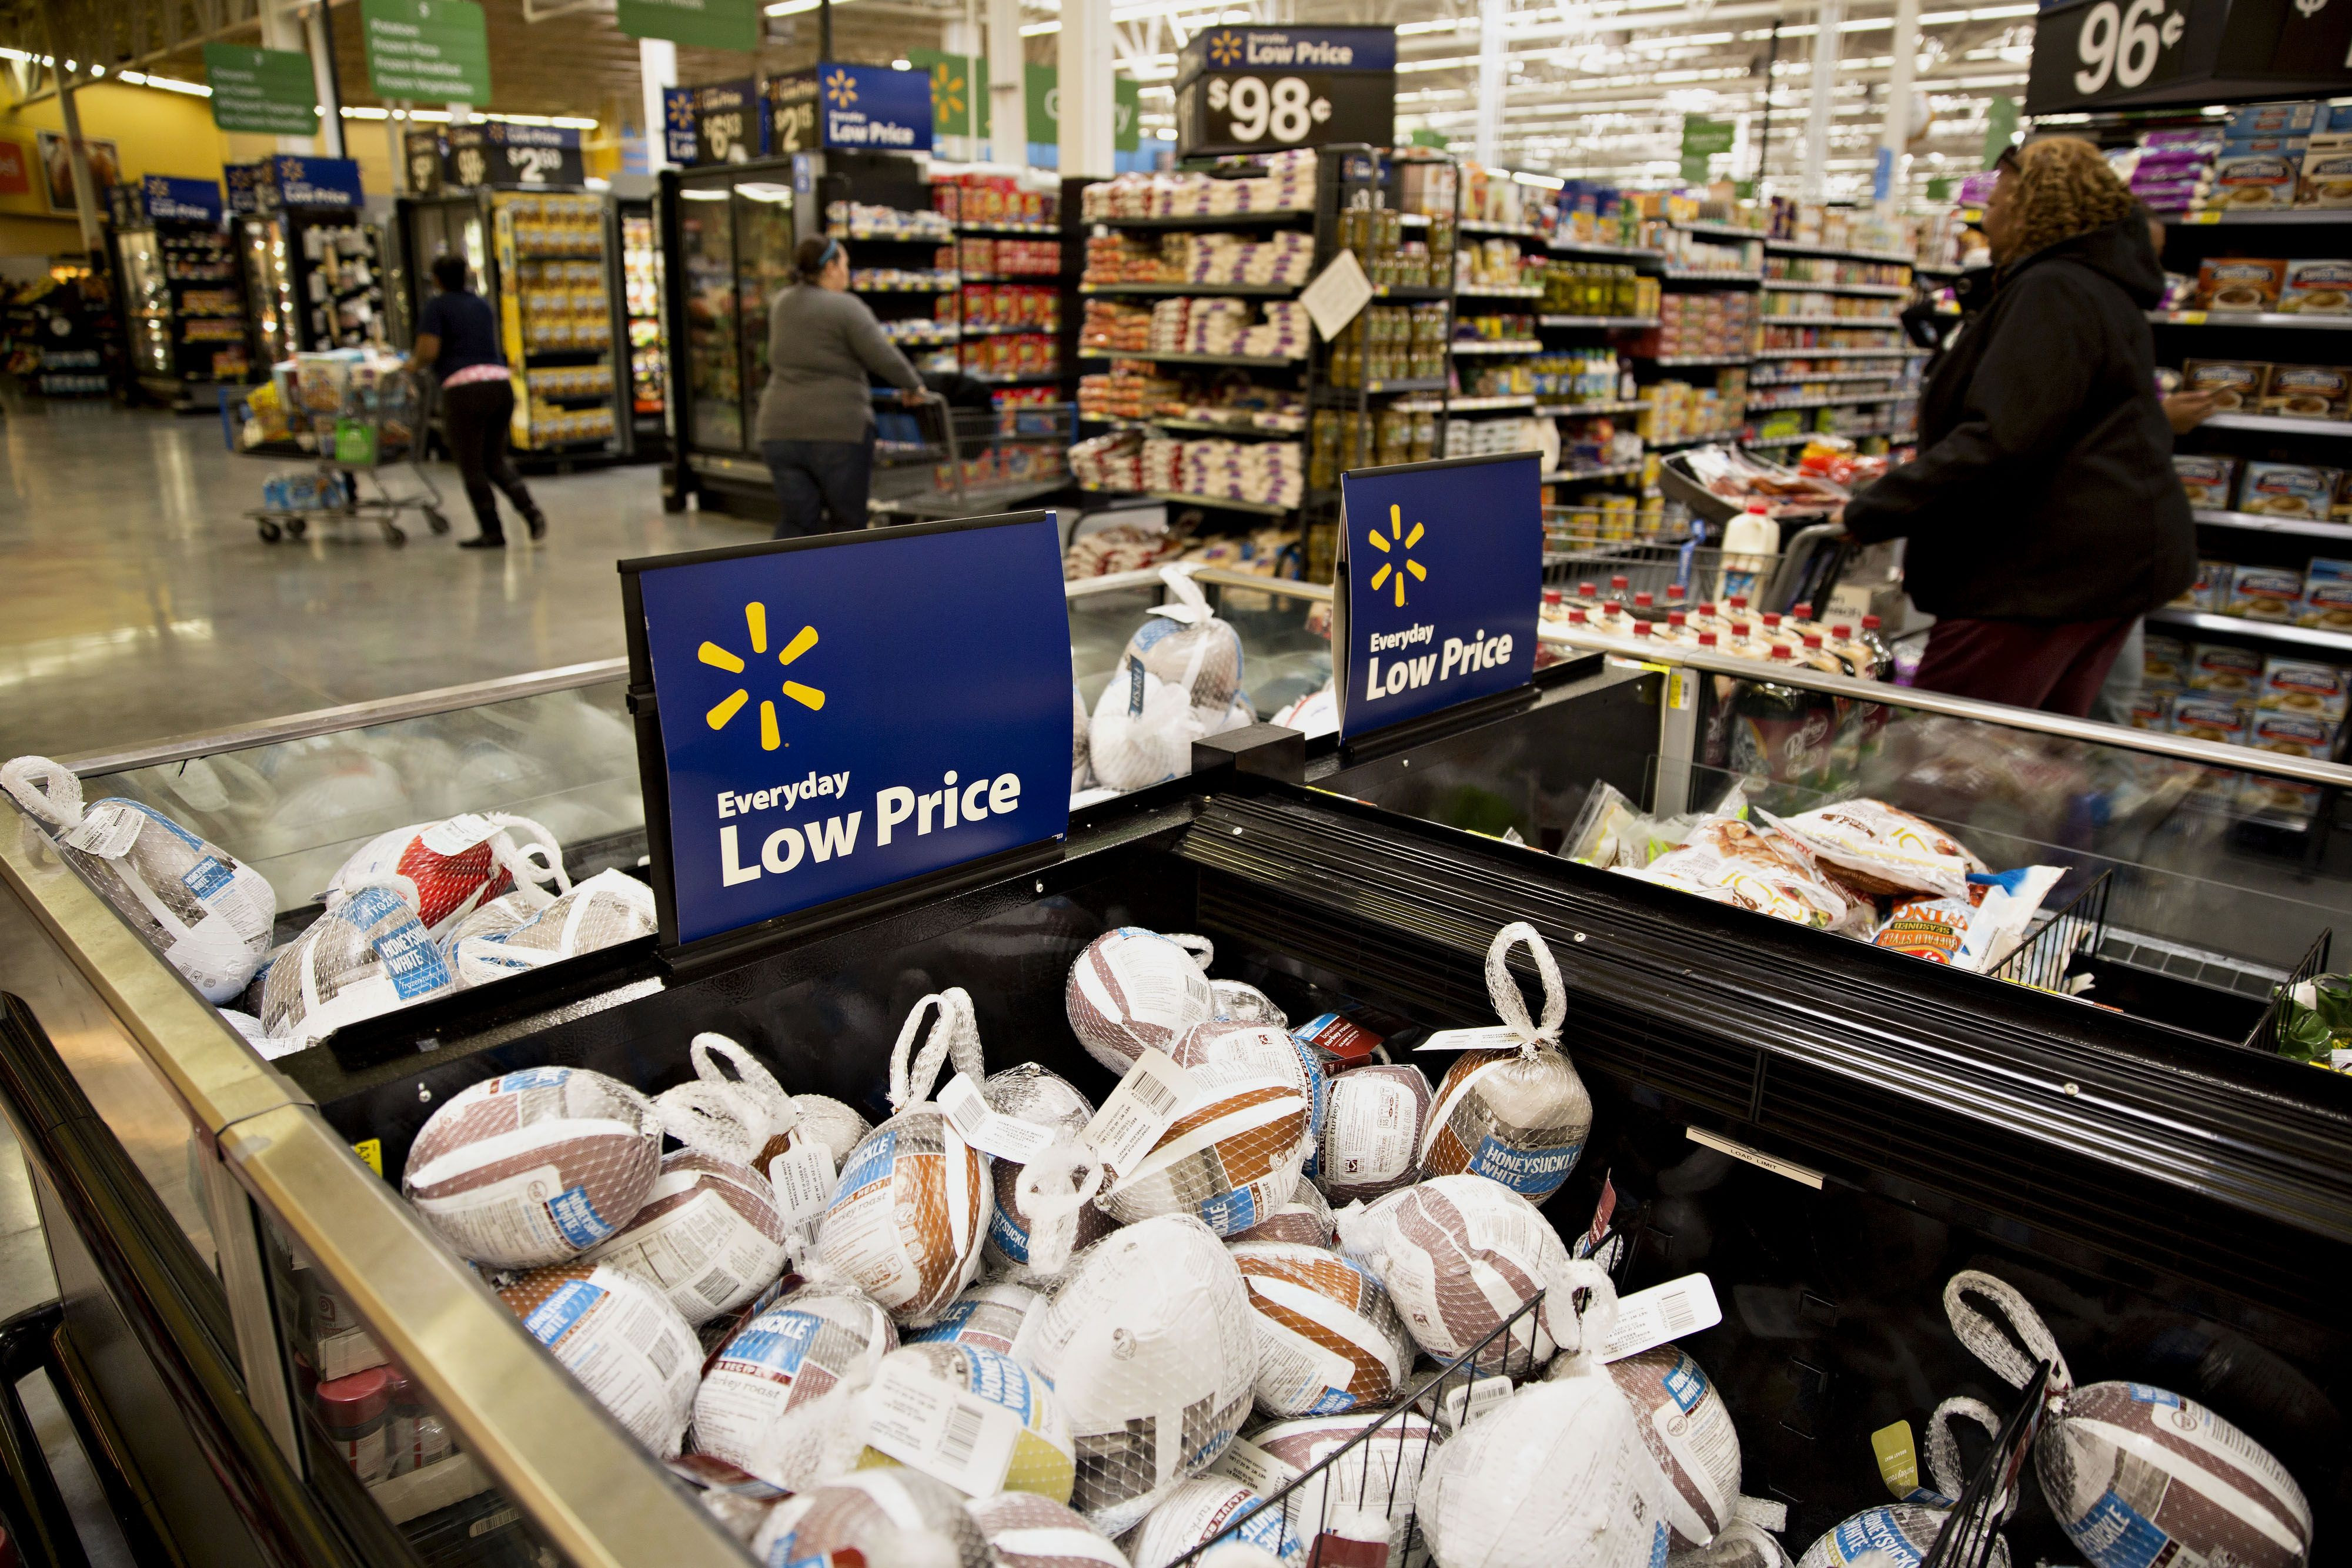 Thanksgiving Turkey Deals  10 Supermarkets With Thanksgiving Turkeys for Under $1 a